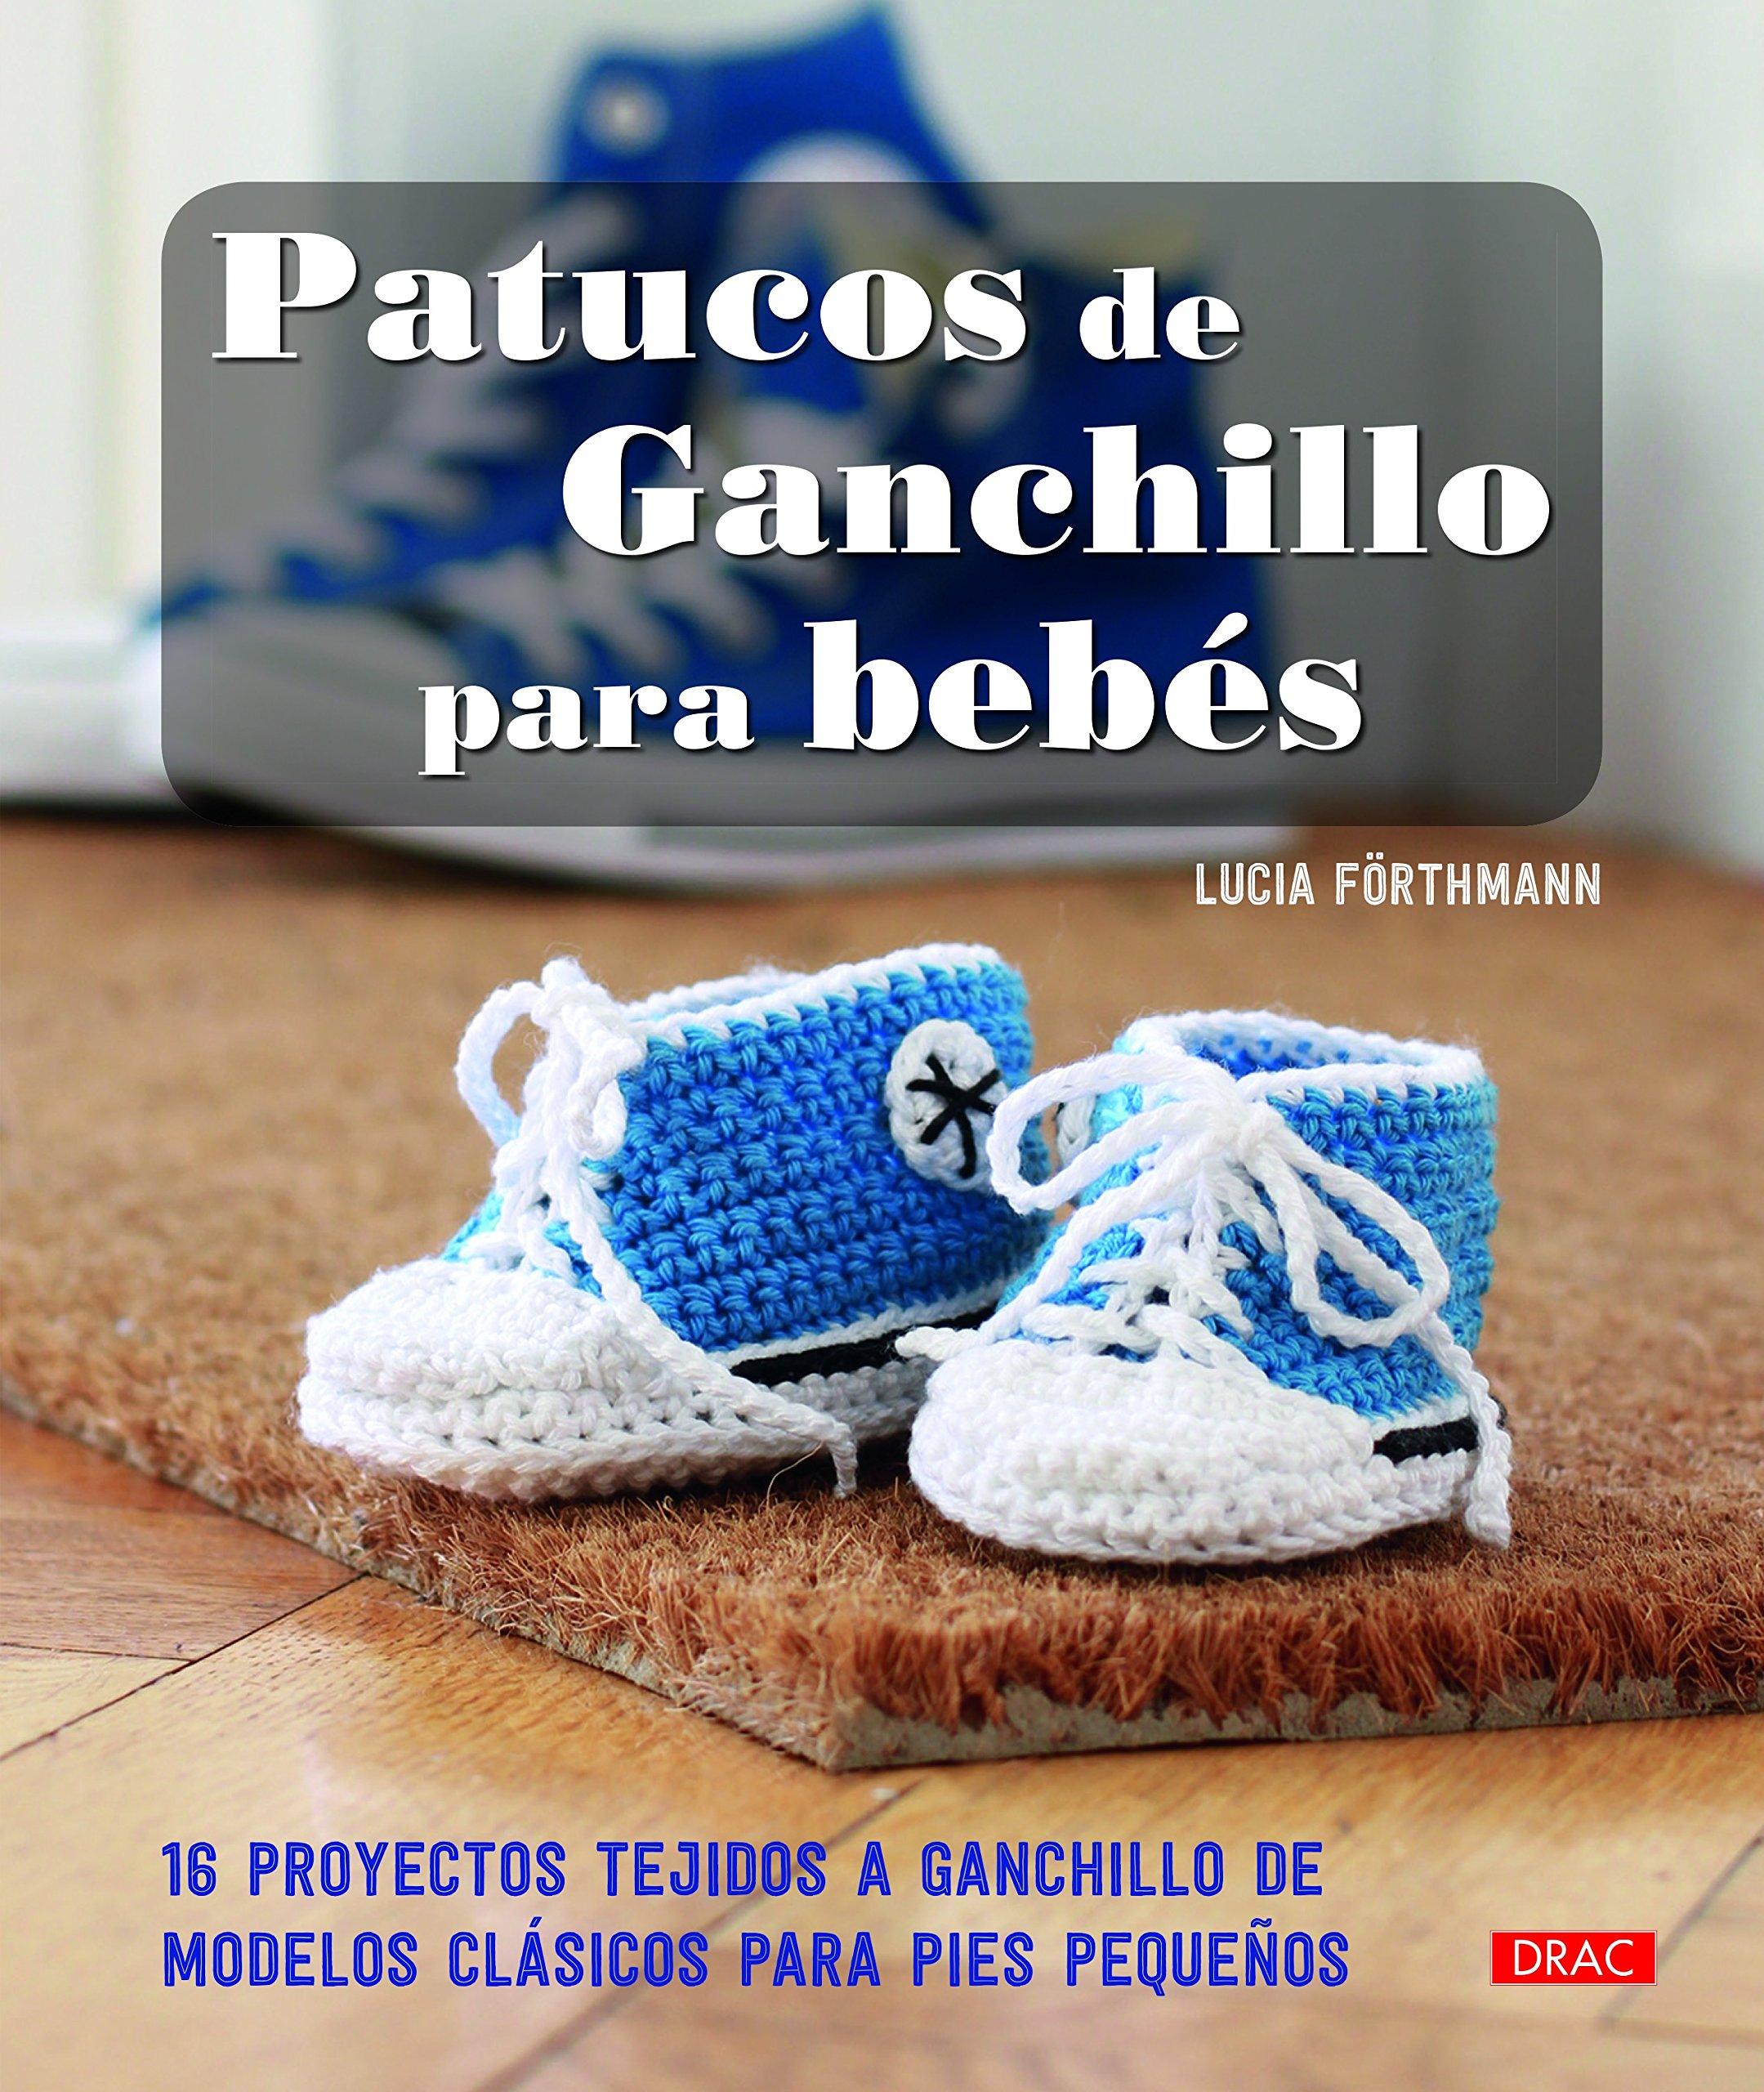 Patucos De Ganchillo Para Bebes: Amazon.es: Lucia Förthmann, Esperanza González Vázquez, María Soria Puig: Libros